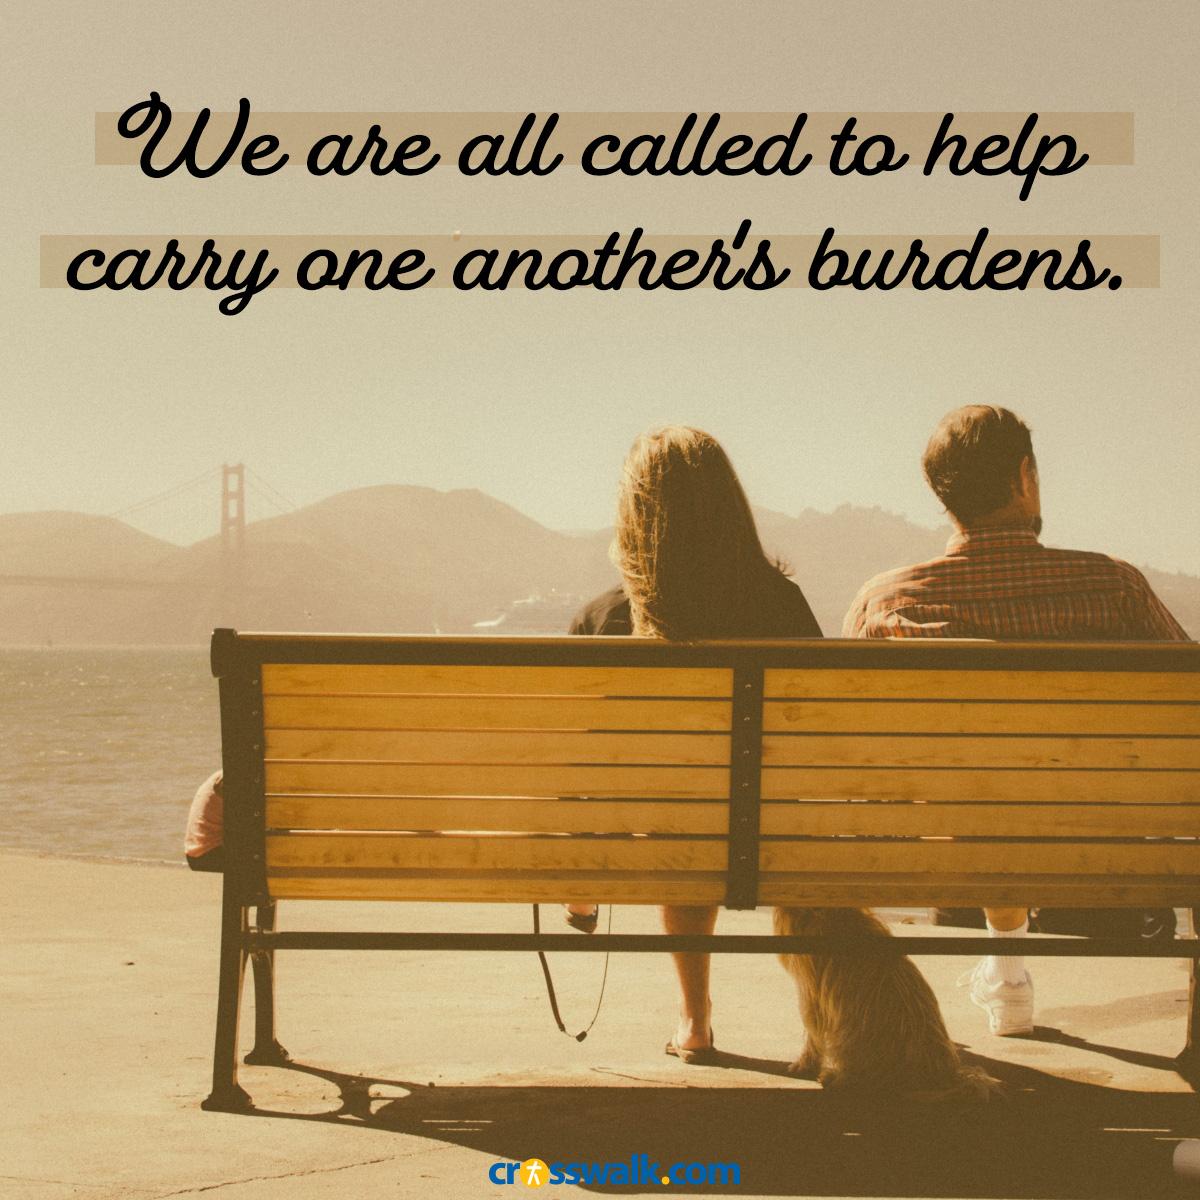 Carry burdens